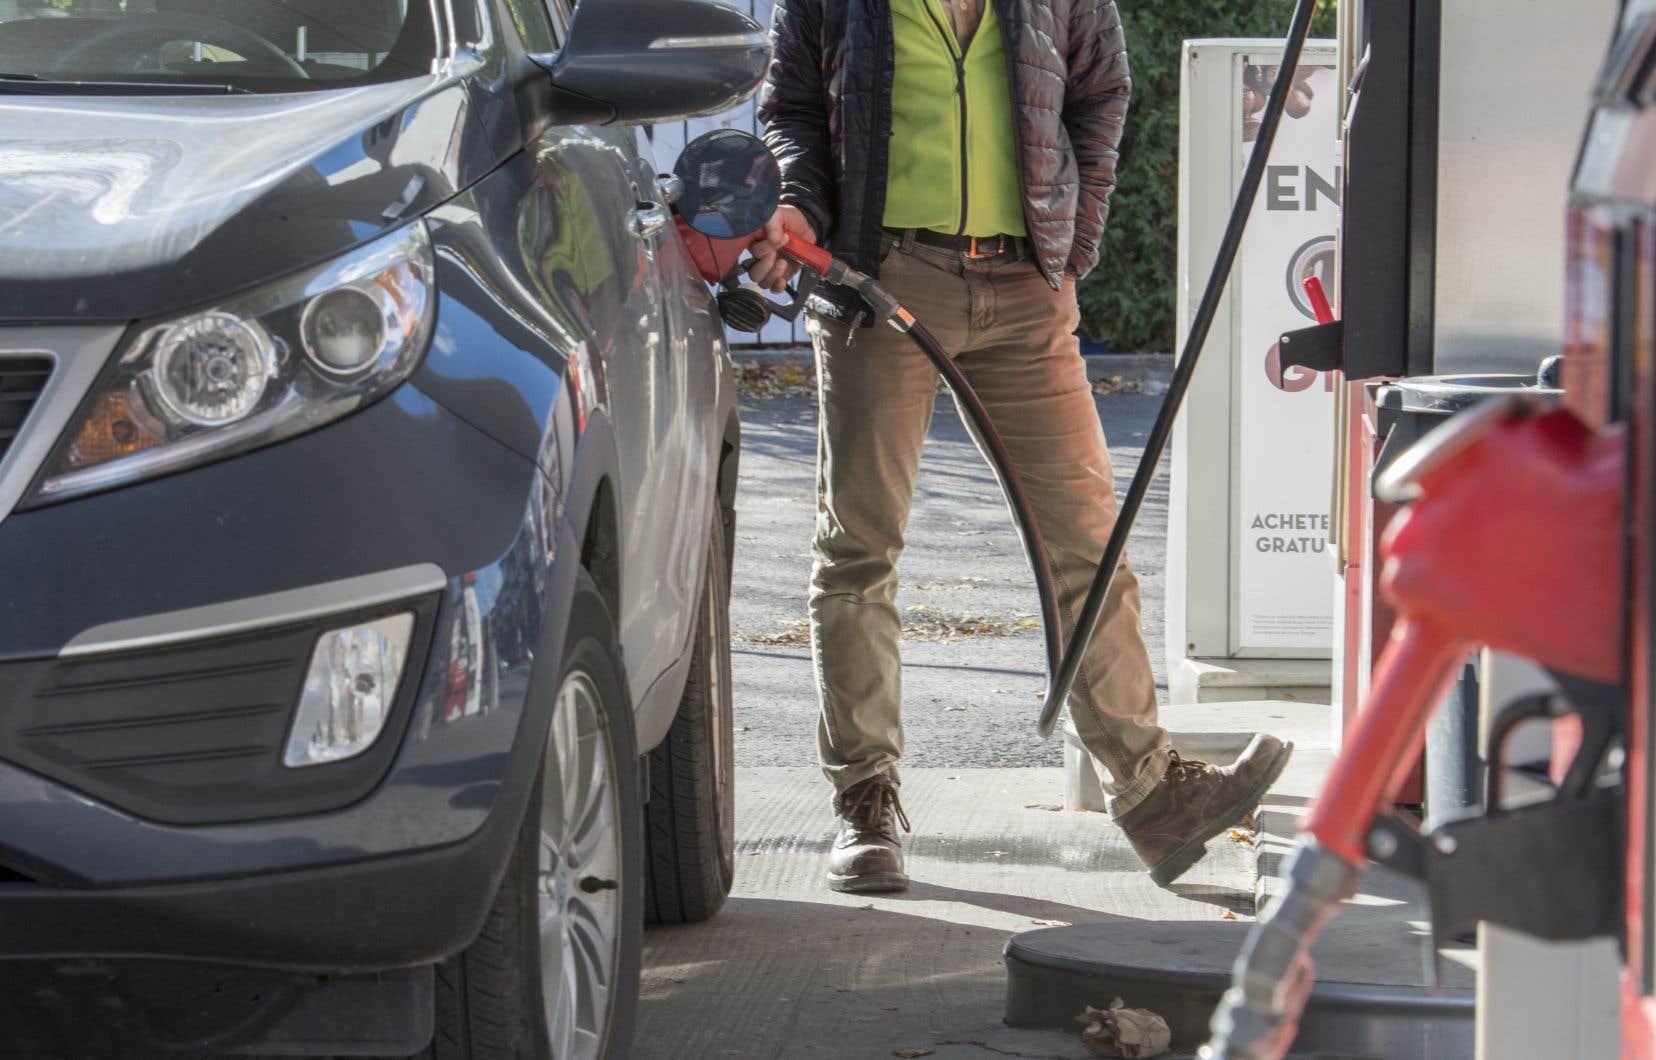 La hausse peut atteindre environ 0,10 $ du prix du litre de carburant ordinaire, le prix ayant été signalé en plusieurs endroits à 1,44$.